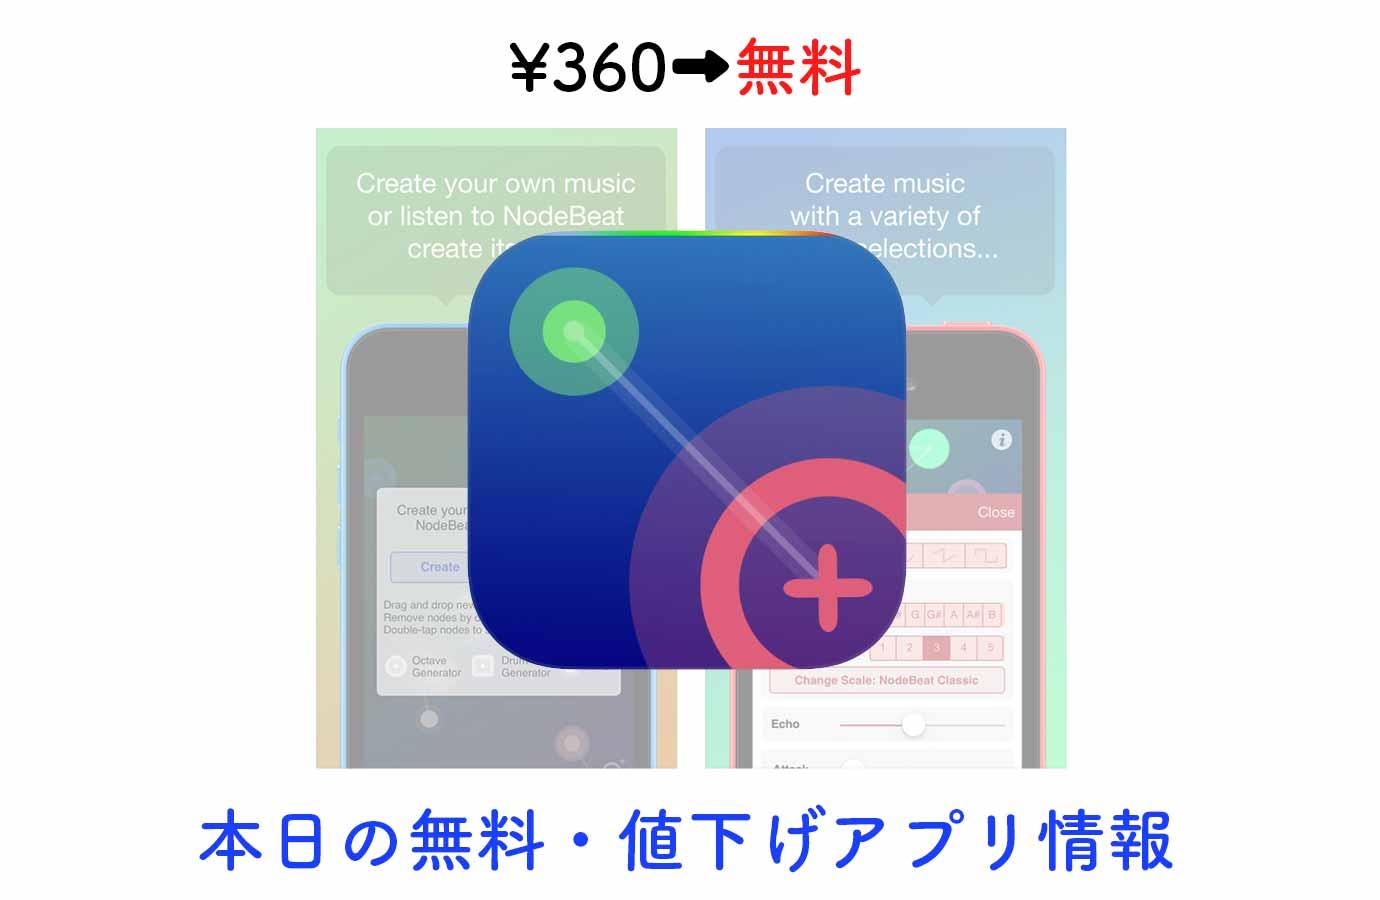 ¥360→無料、点を結んでいくことで手軽に音楽を作れるアプリ「NodeBeat」など【9/22】本日の無料・値下げアプリ情報